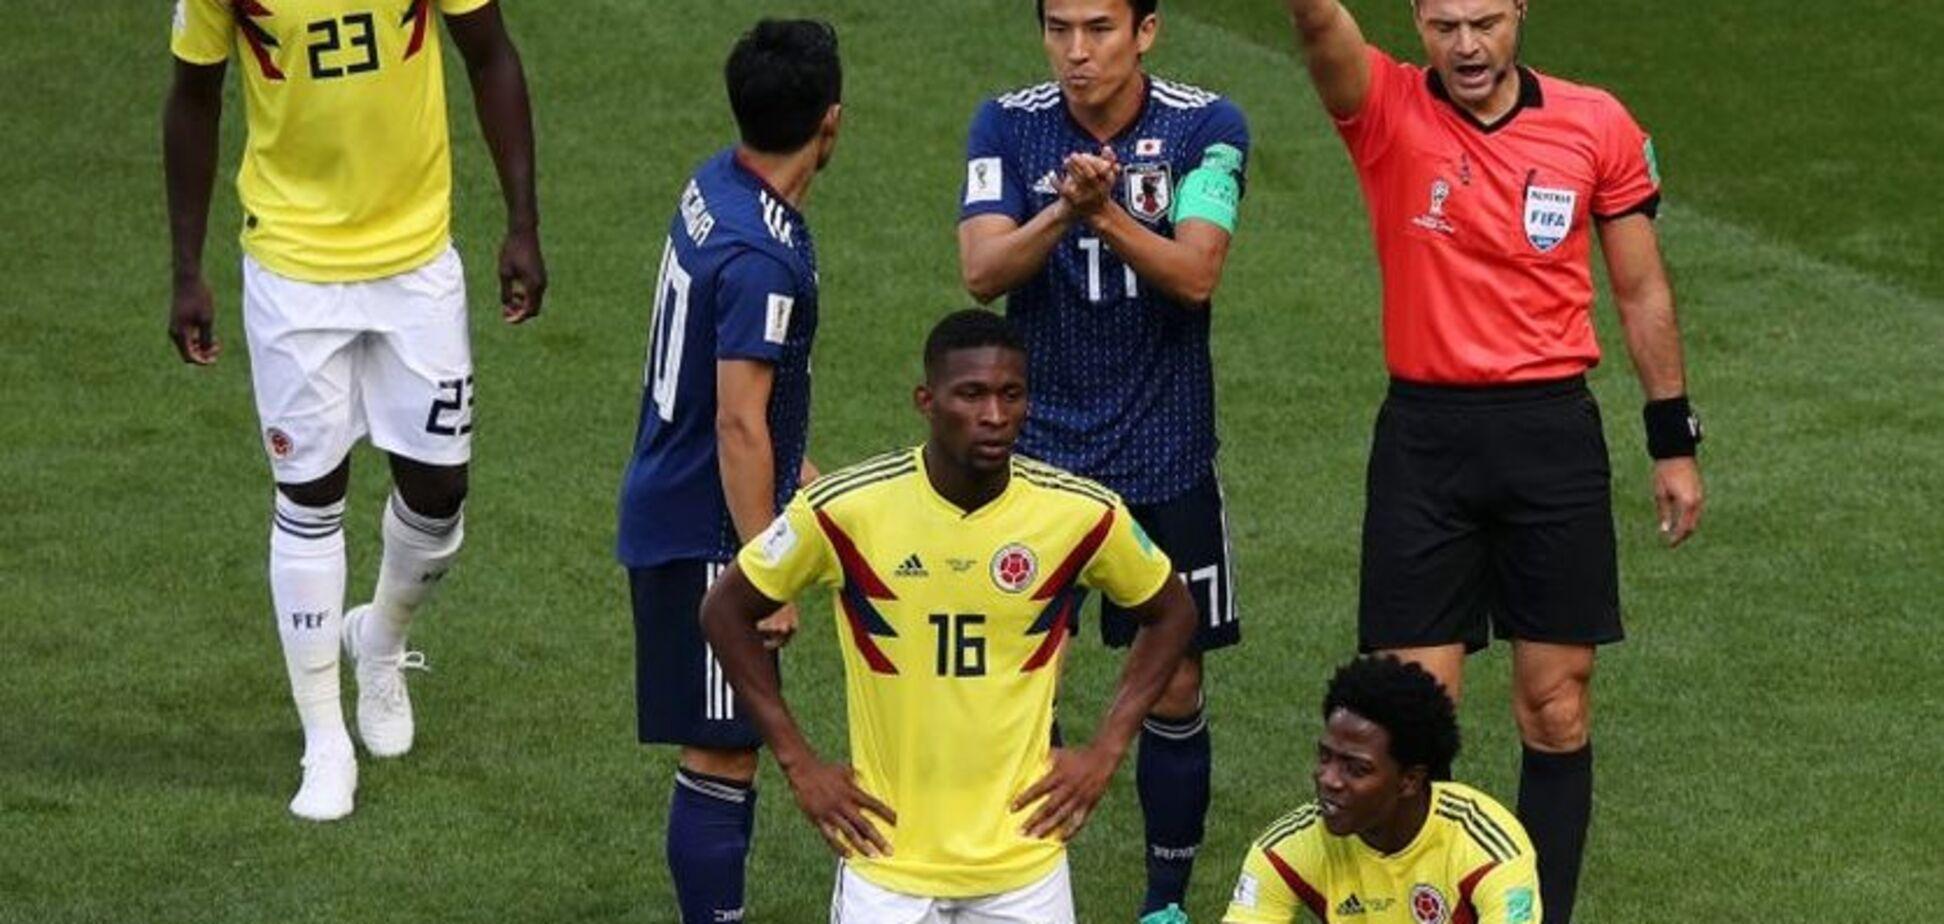 Фанати загрожують смертю гравцю за вилучення в матчі чемпіонату світу